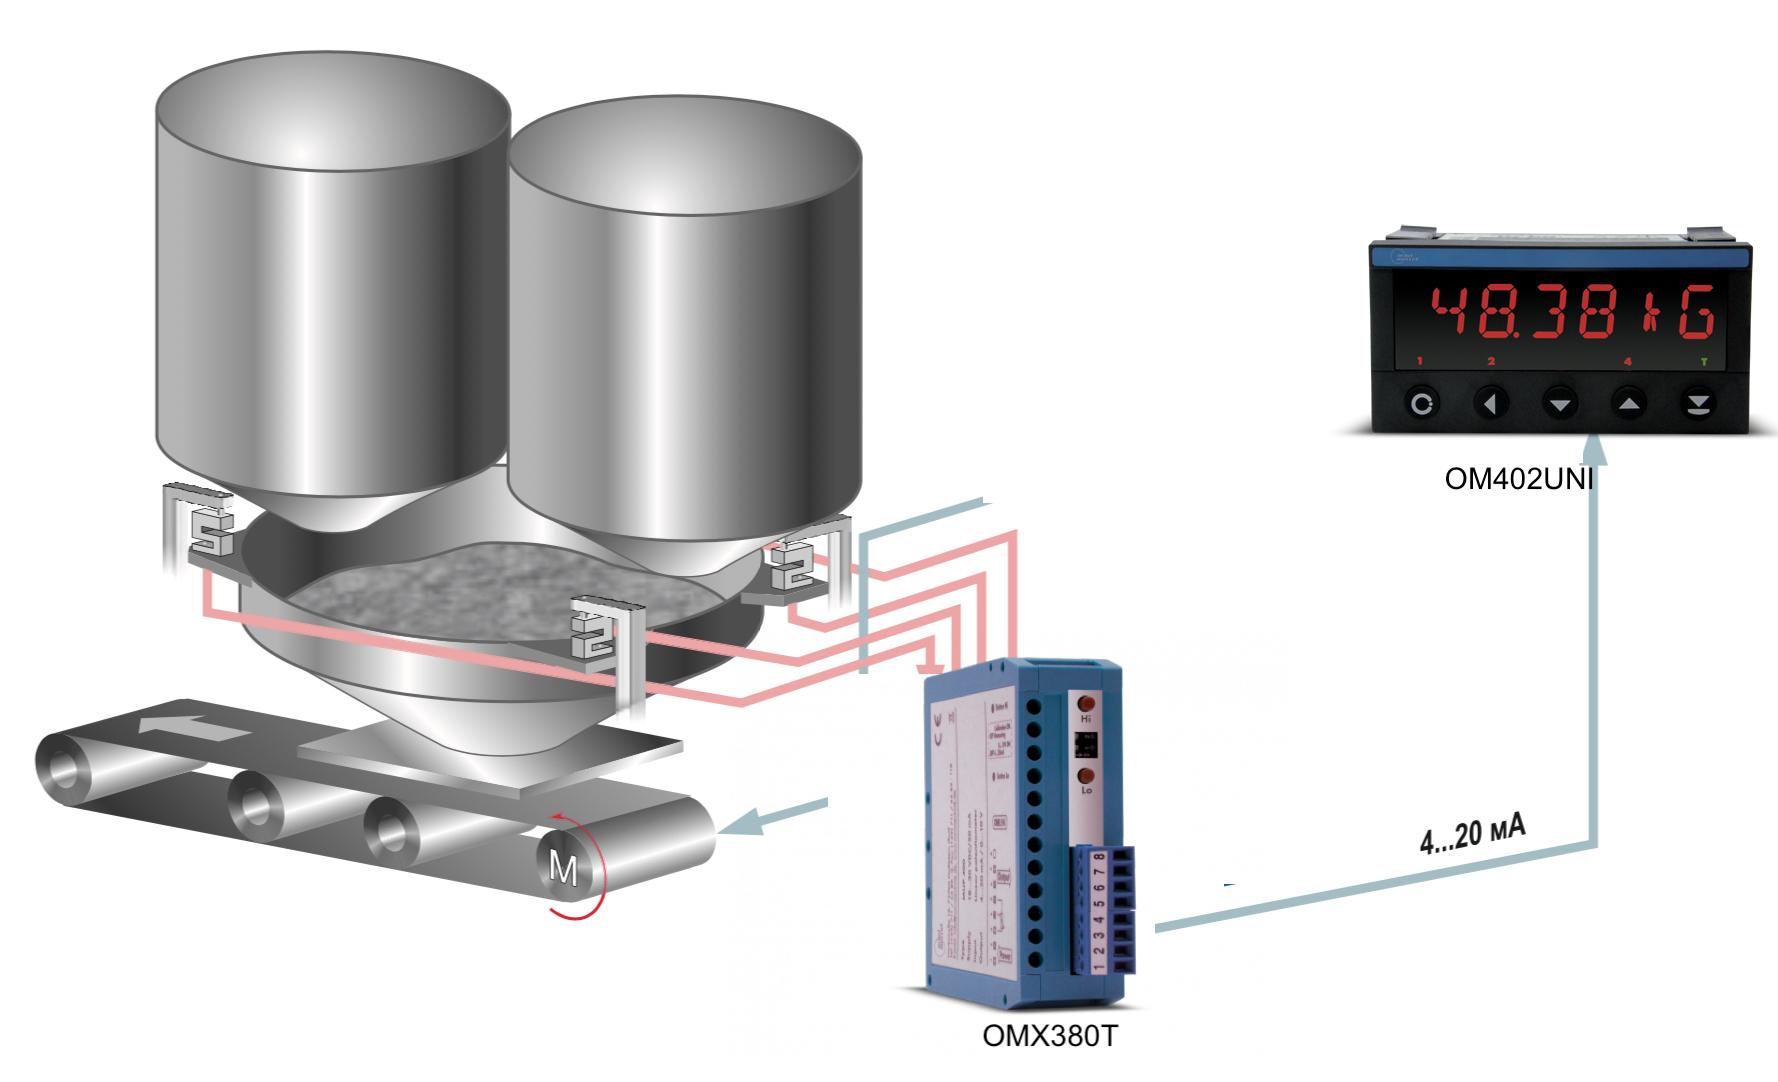 Bộ hiển thị loadcell  hiển thị giá trị cân